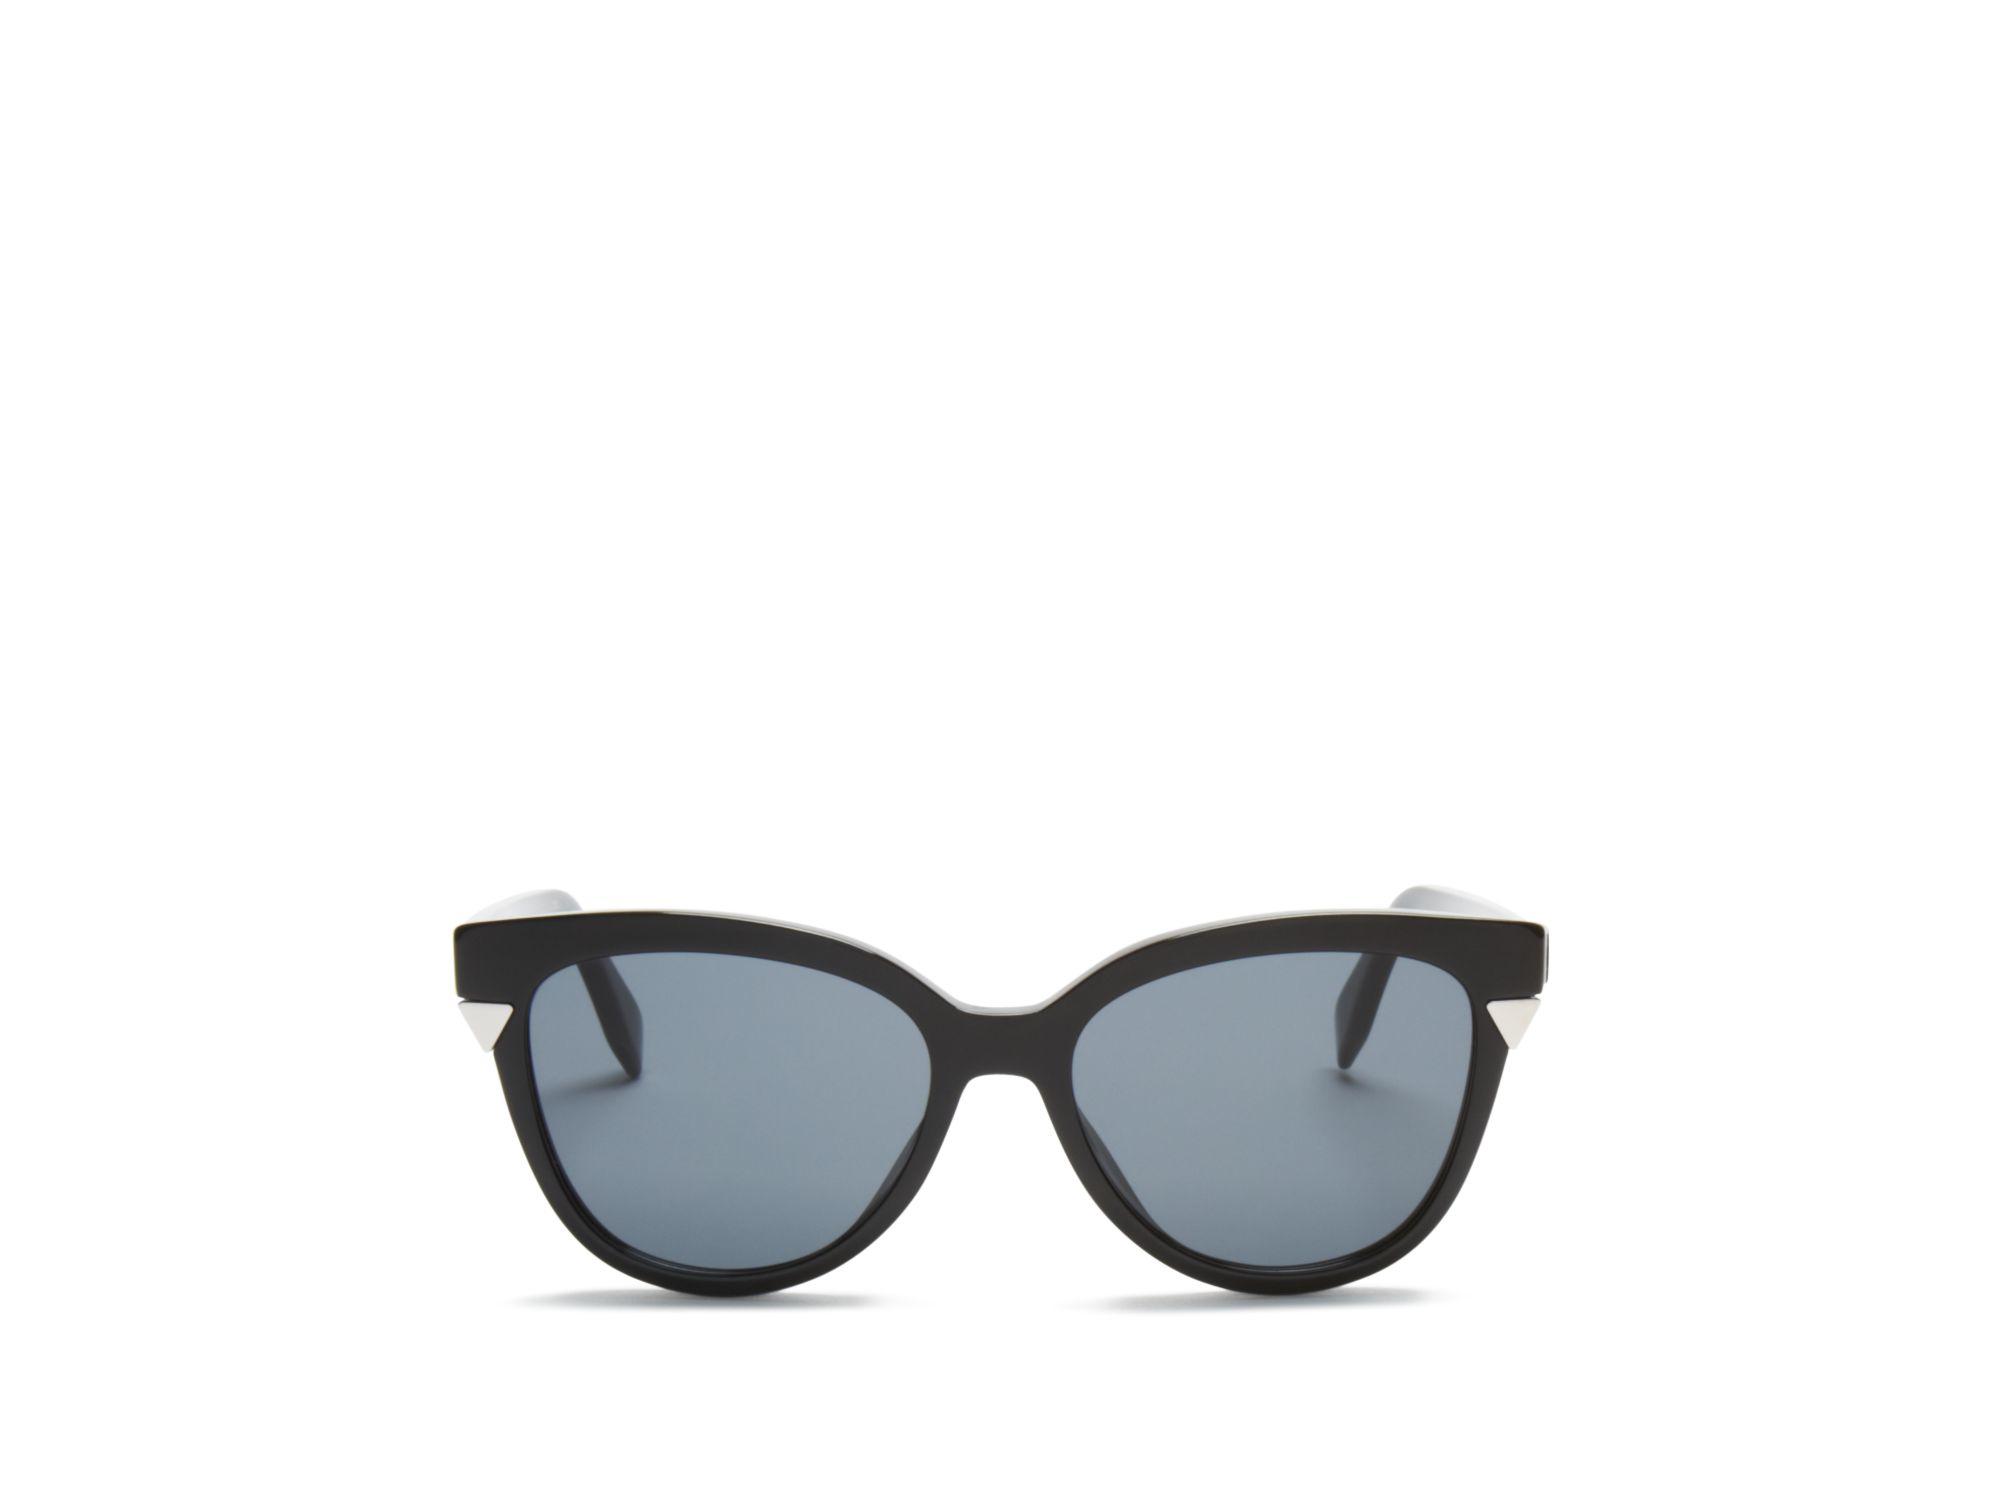 cbe1a897f63d Lyst - Fendi Cat Eye Sunglasses in Black